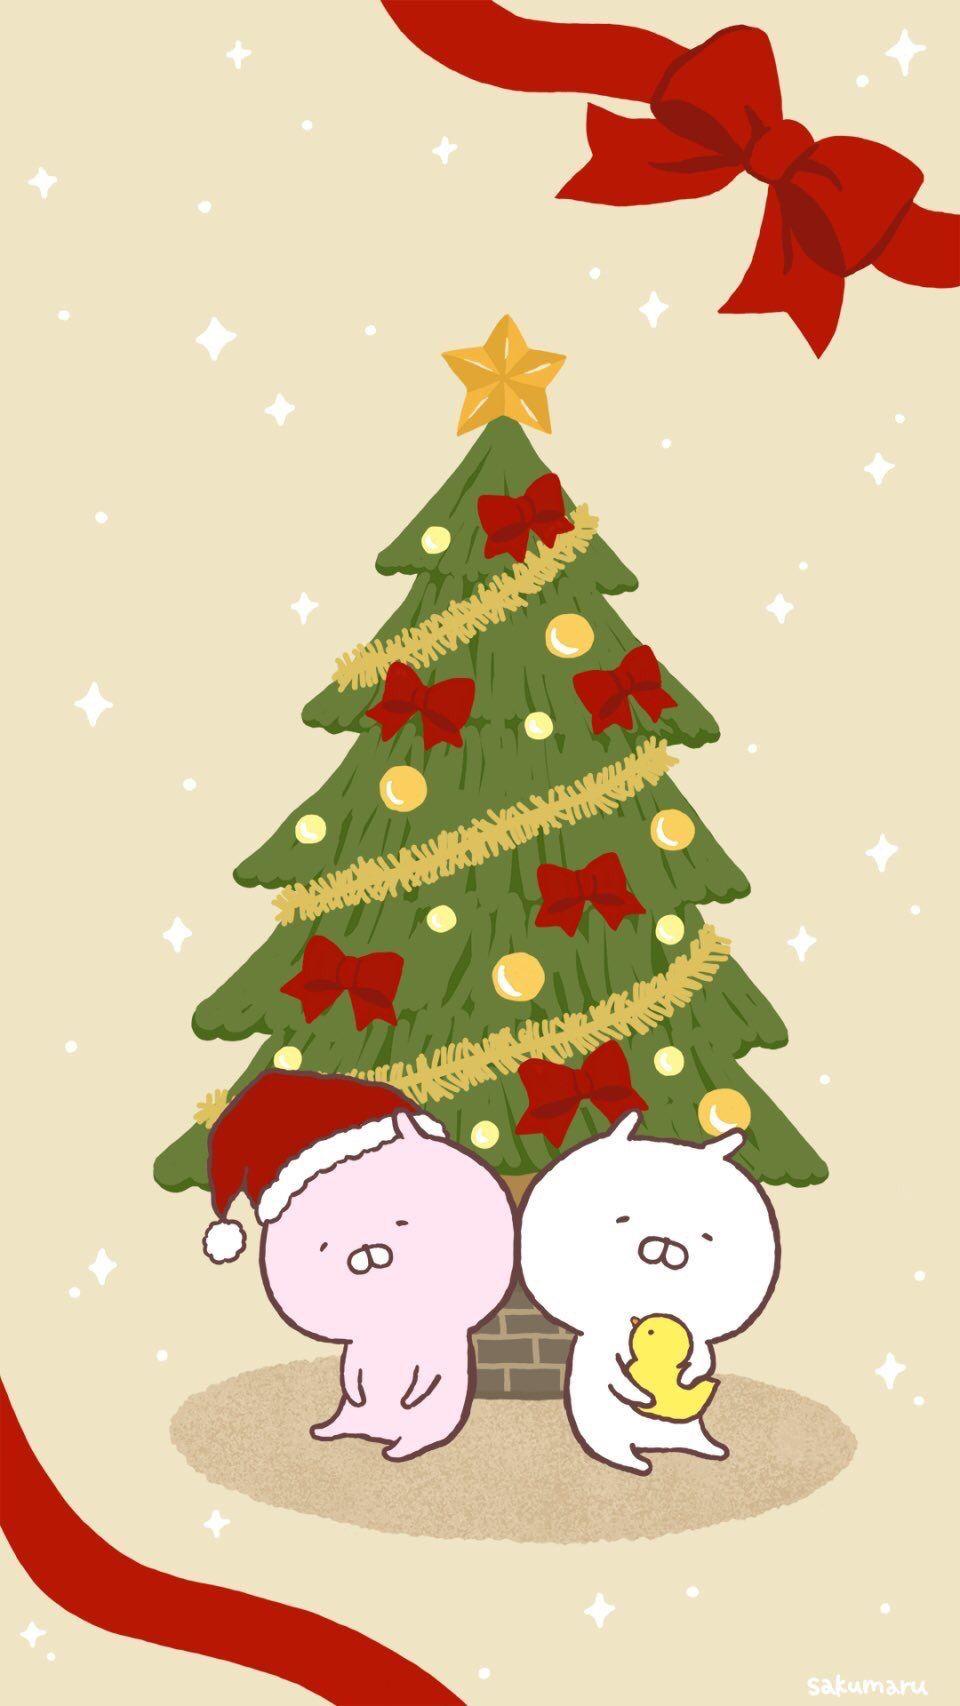 うさまる おしゃれまとめの人気アイデア Pinterest じぃ クリスマス壁紙 うさまる イラスト うさまる 壁紙